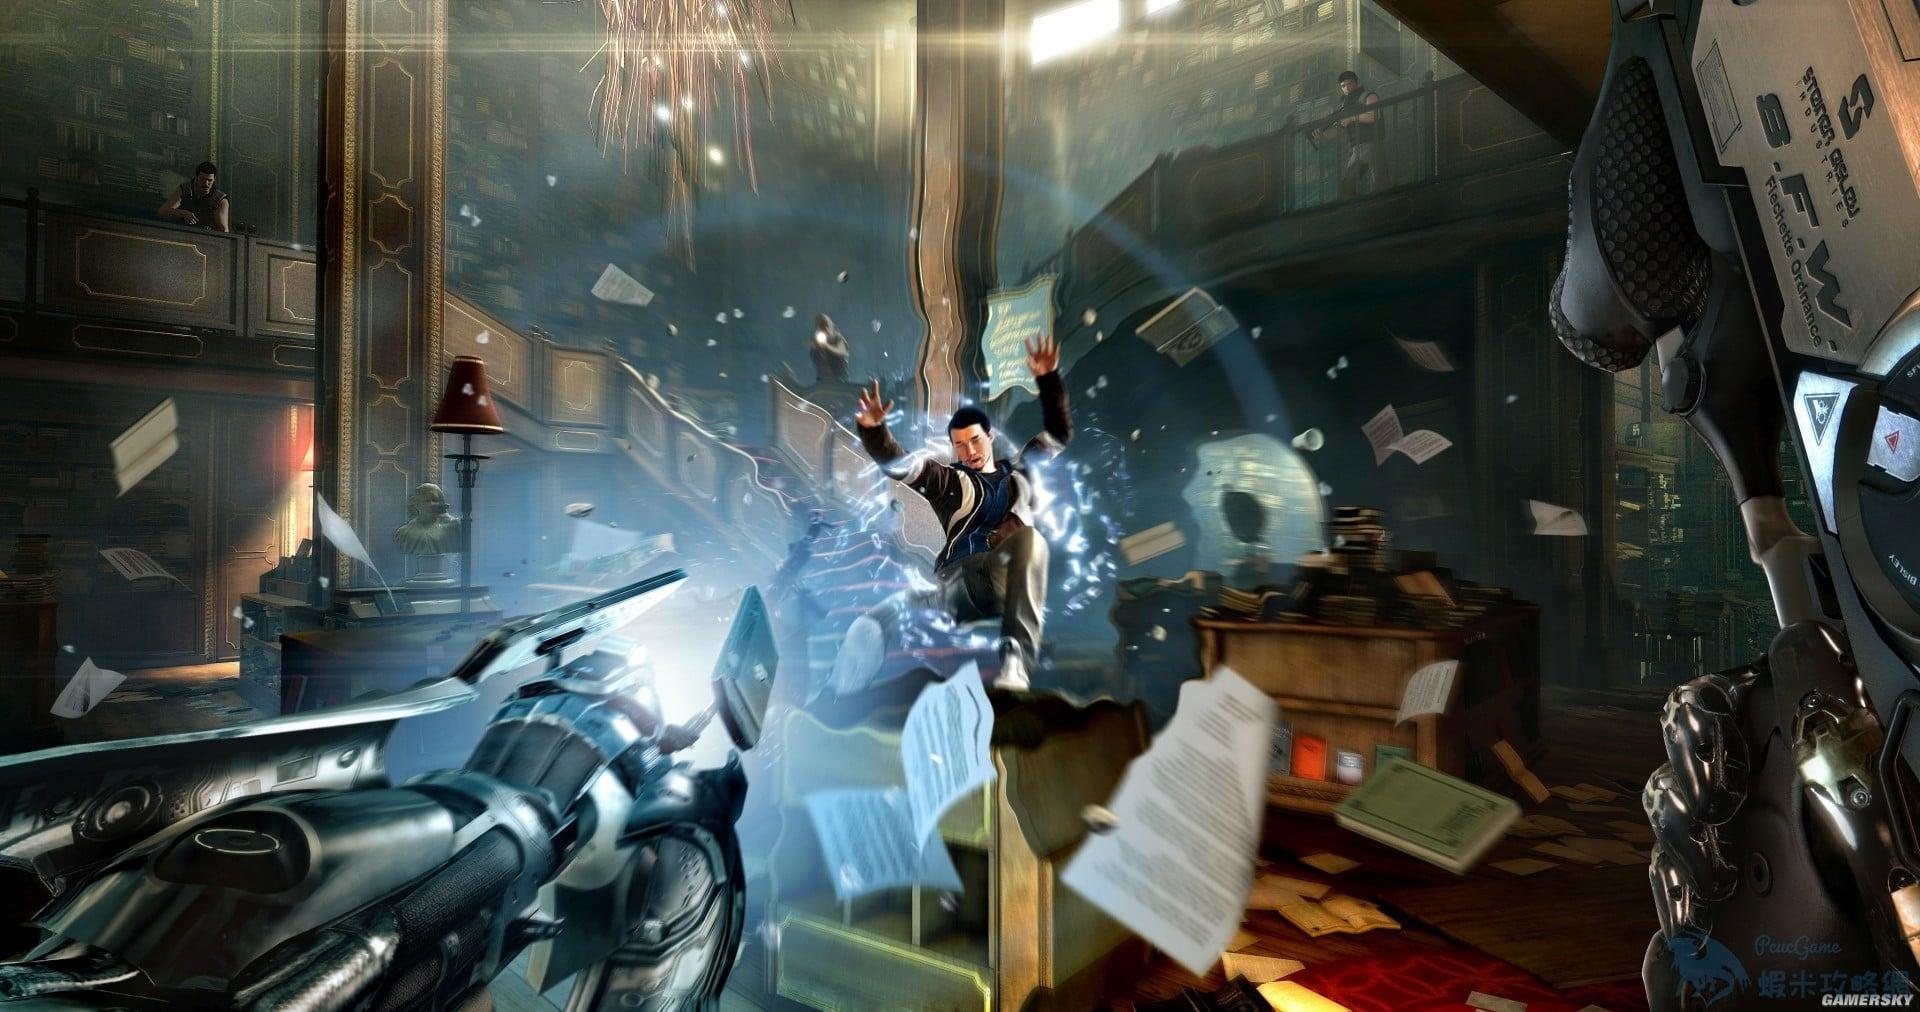 駭客入侵 系列劇情 系列劇情及遊戲特色介紹 Deus Ex: Mankind Divided